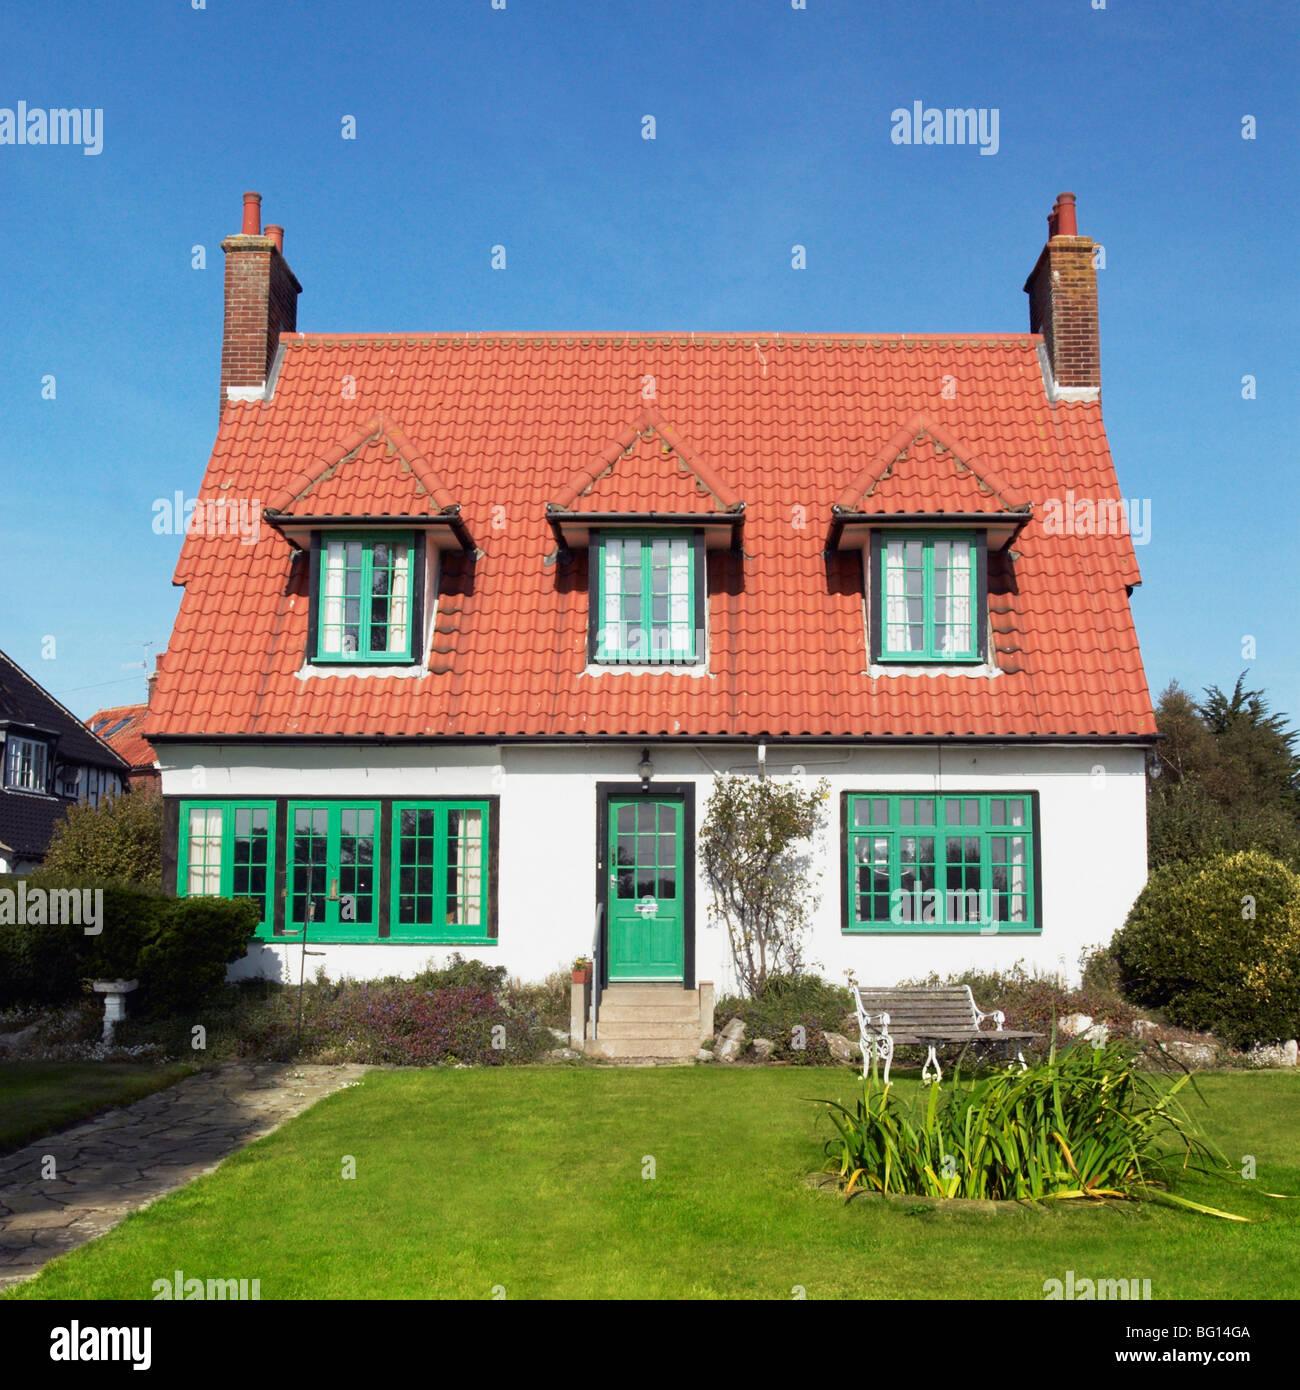 1920 Casa indipendente e giardino anteriore. Thorpeness, Suffolk, Regno Unito Immagini Stock